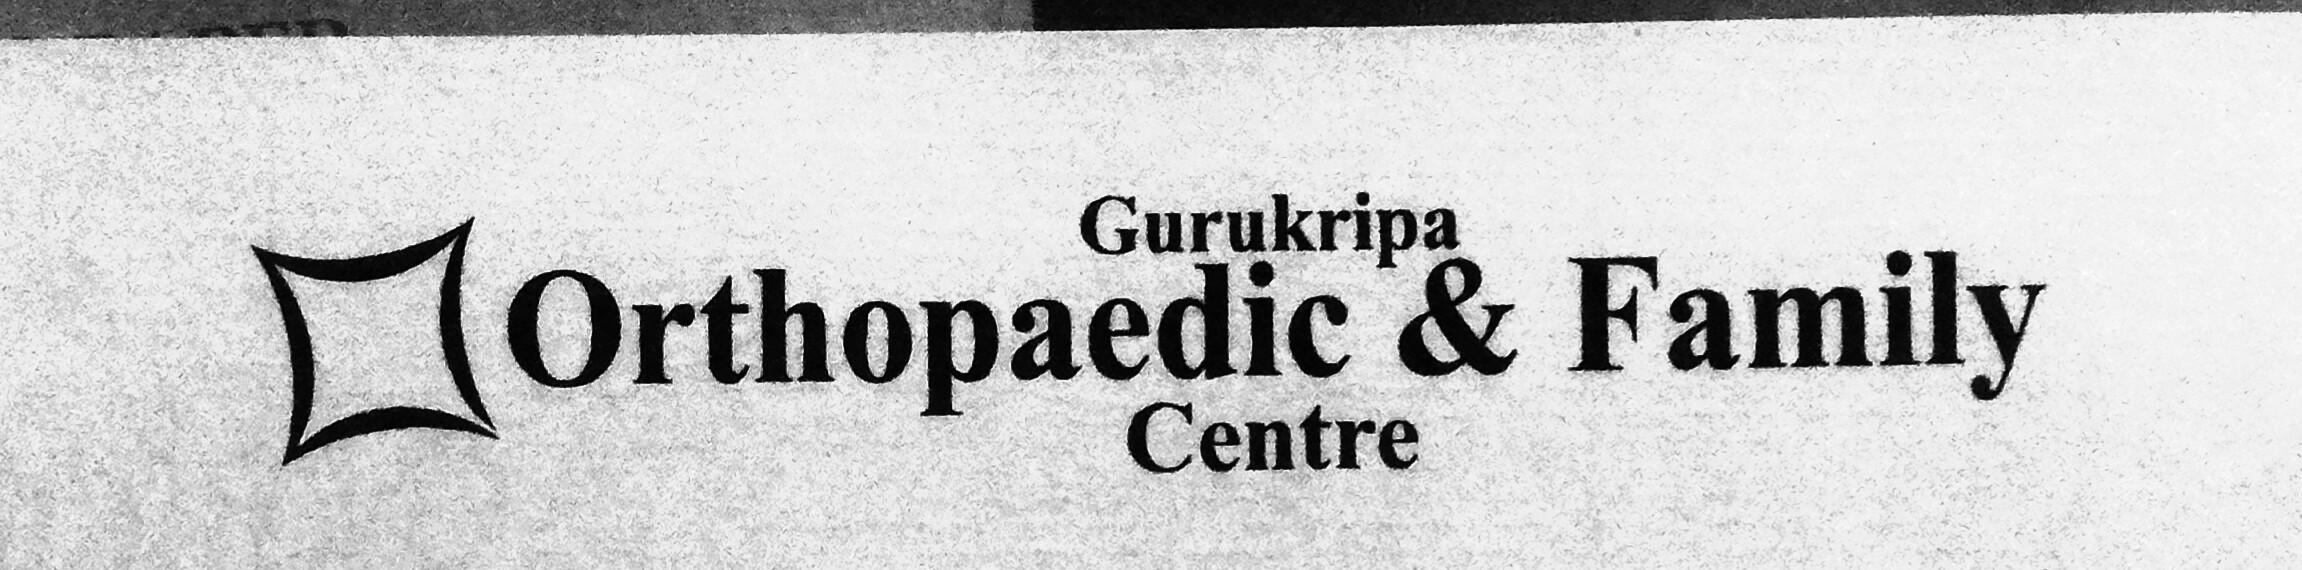 Gurukripa Orthopaedic & Medical Centre